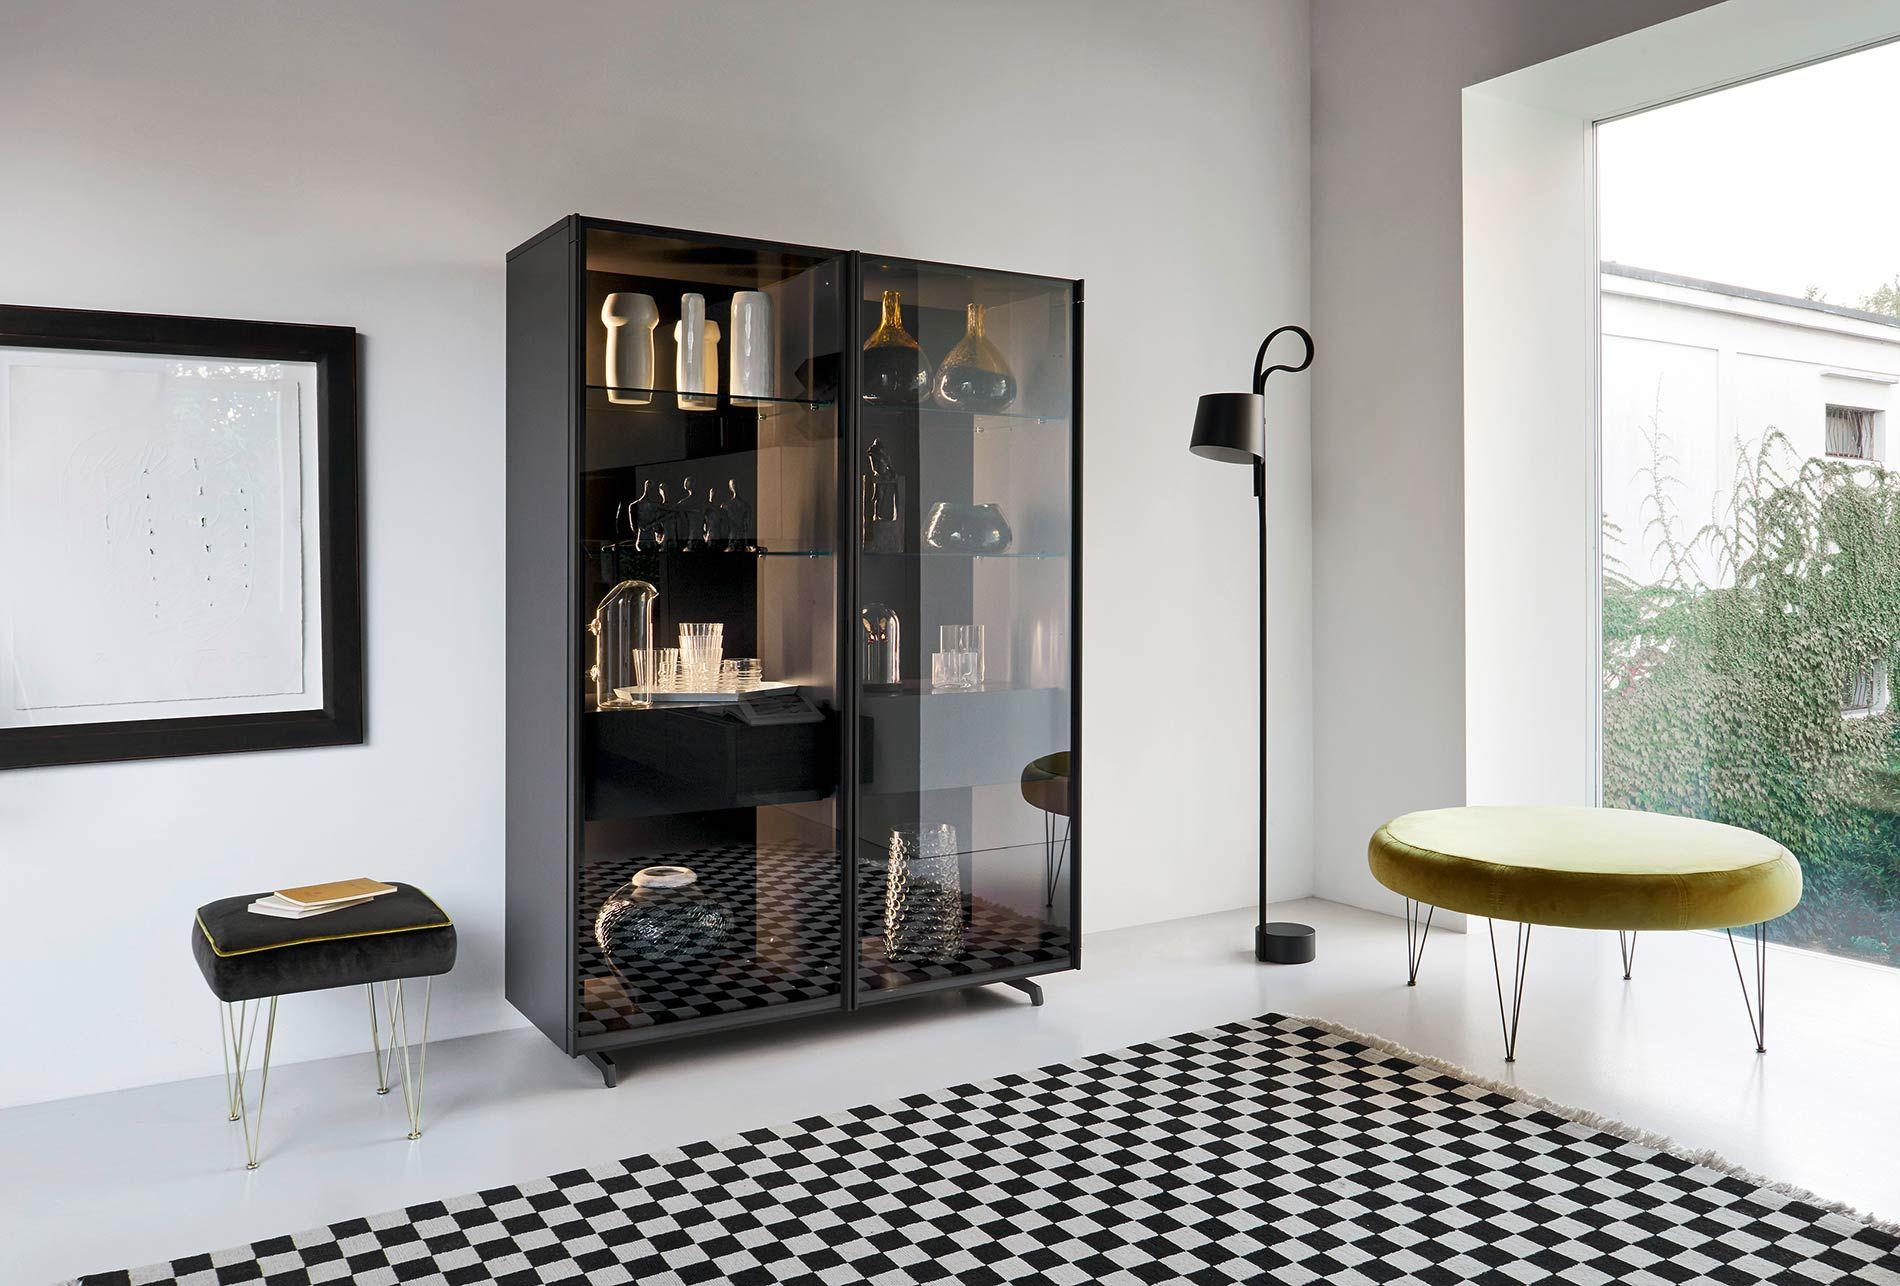 Wohnzimmer Glastür ~ Die hohen glastüren sind mit getönten glas versehen welches